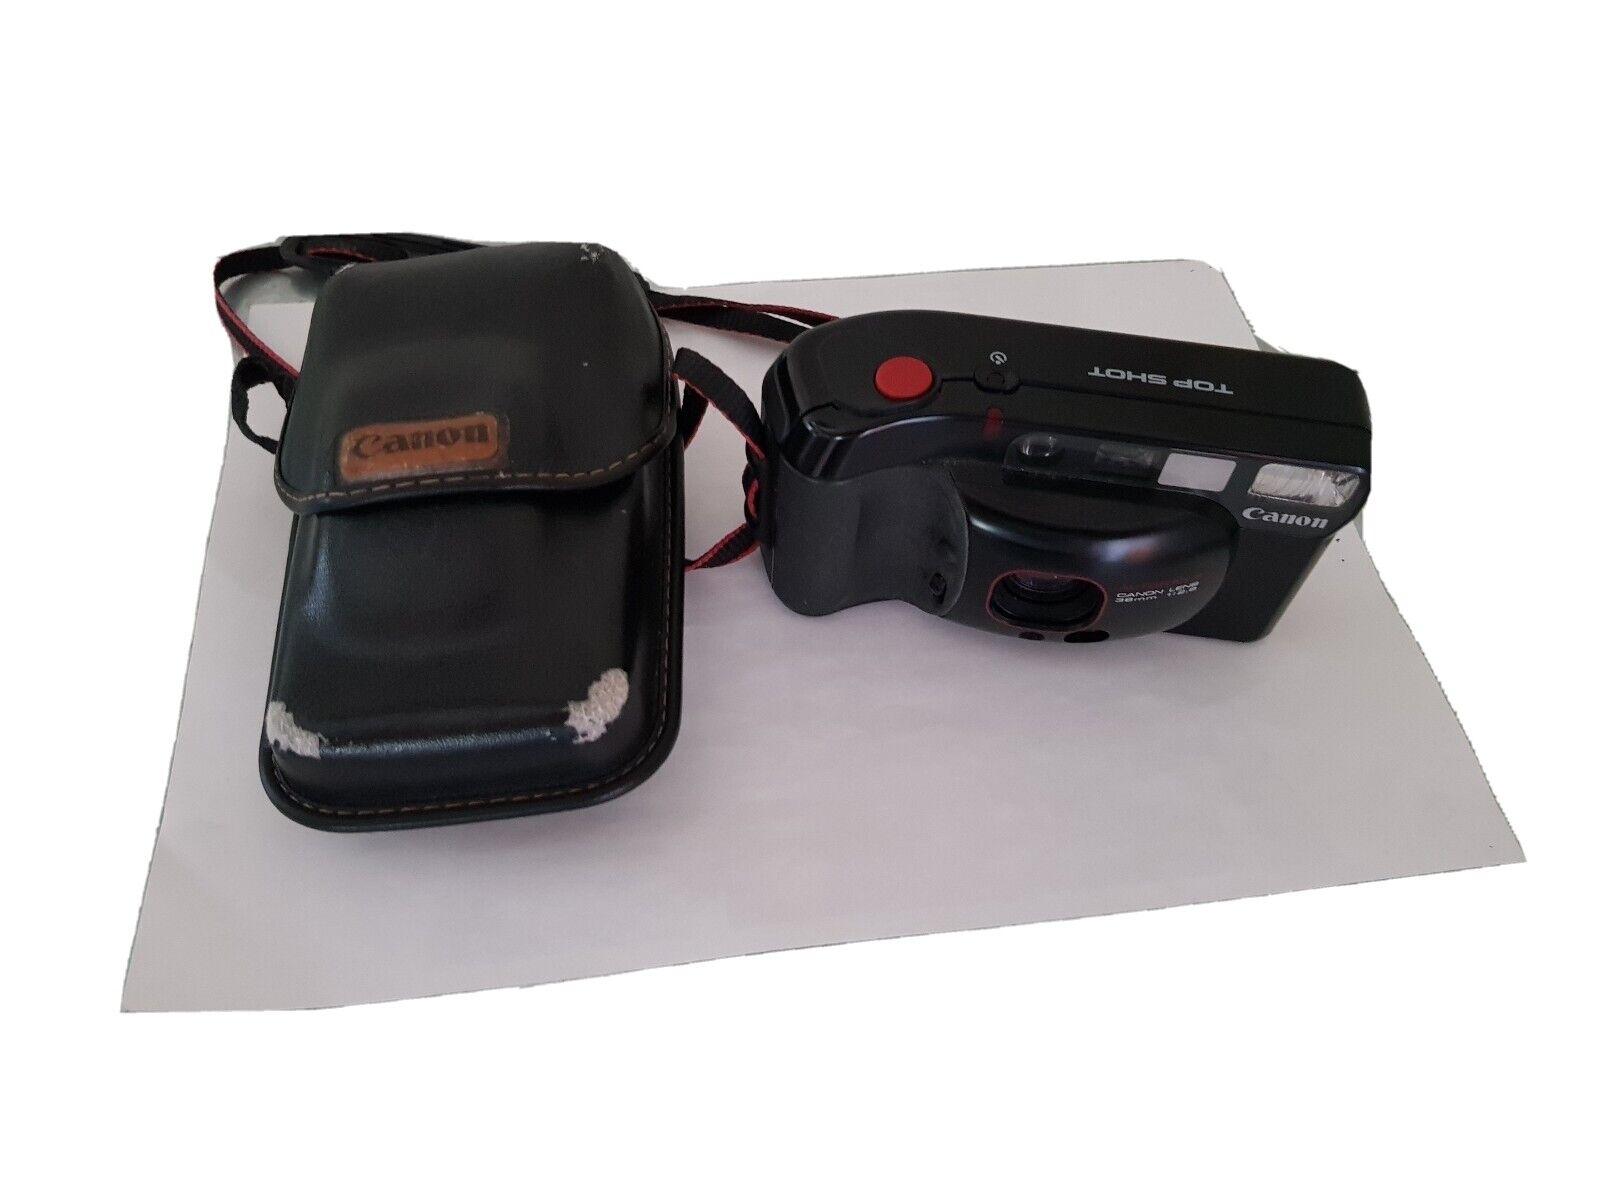 Compact argentique CANON TOP SHOT  Autofocus 38mm 1:2.8